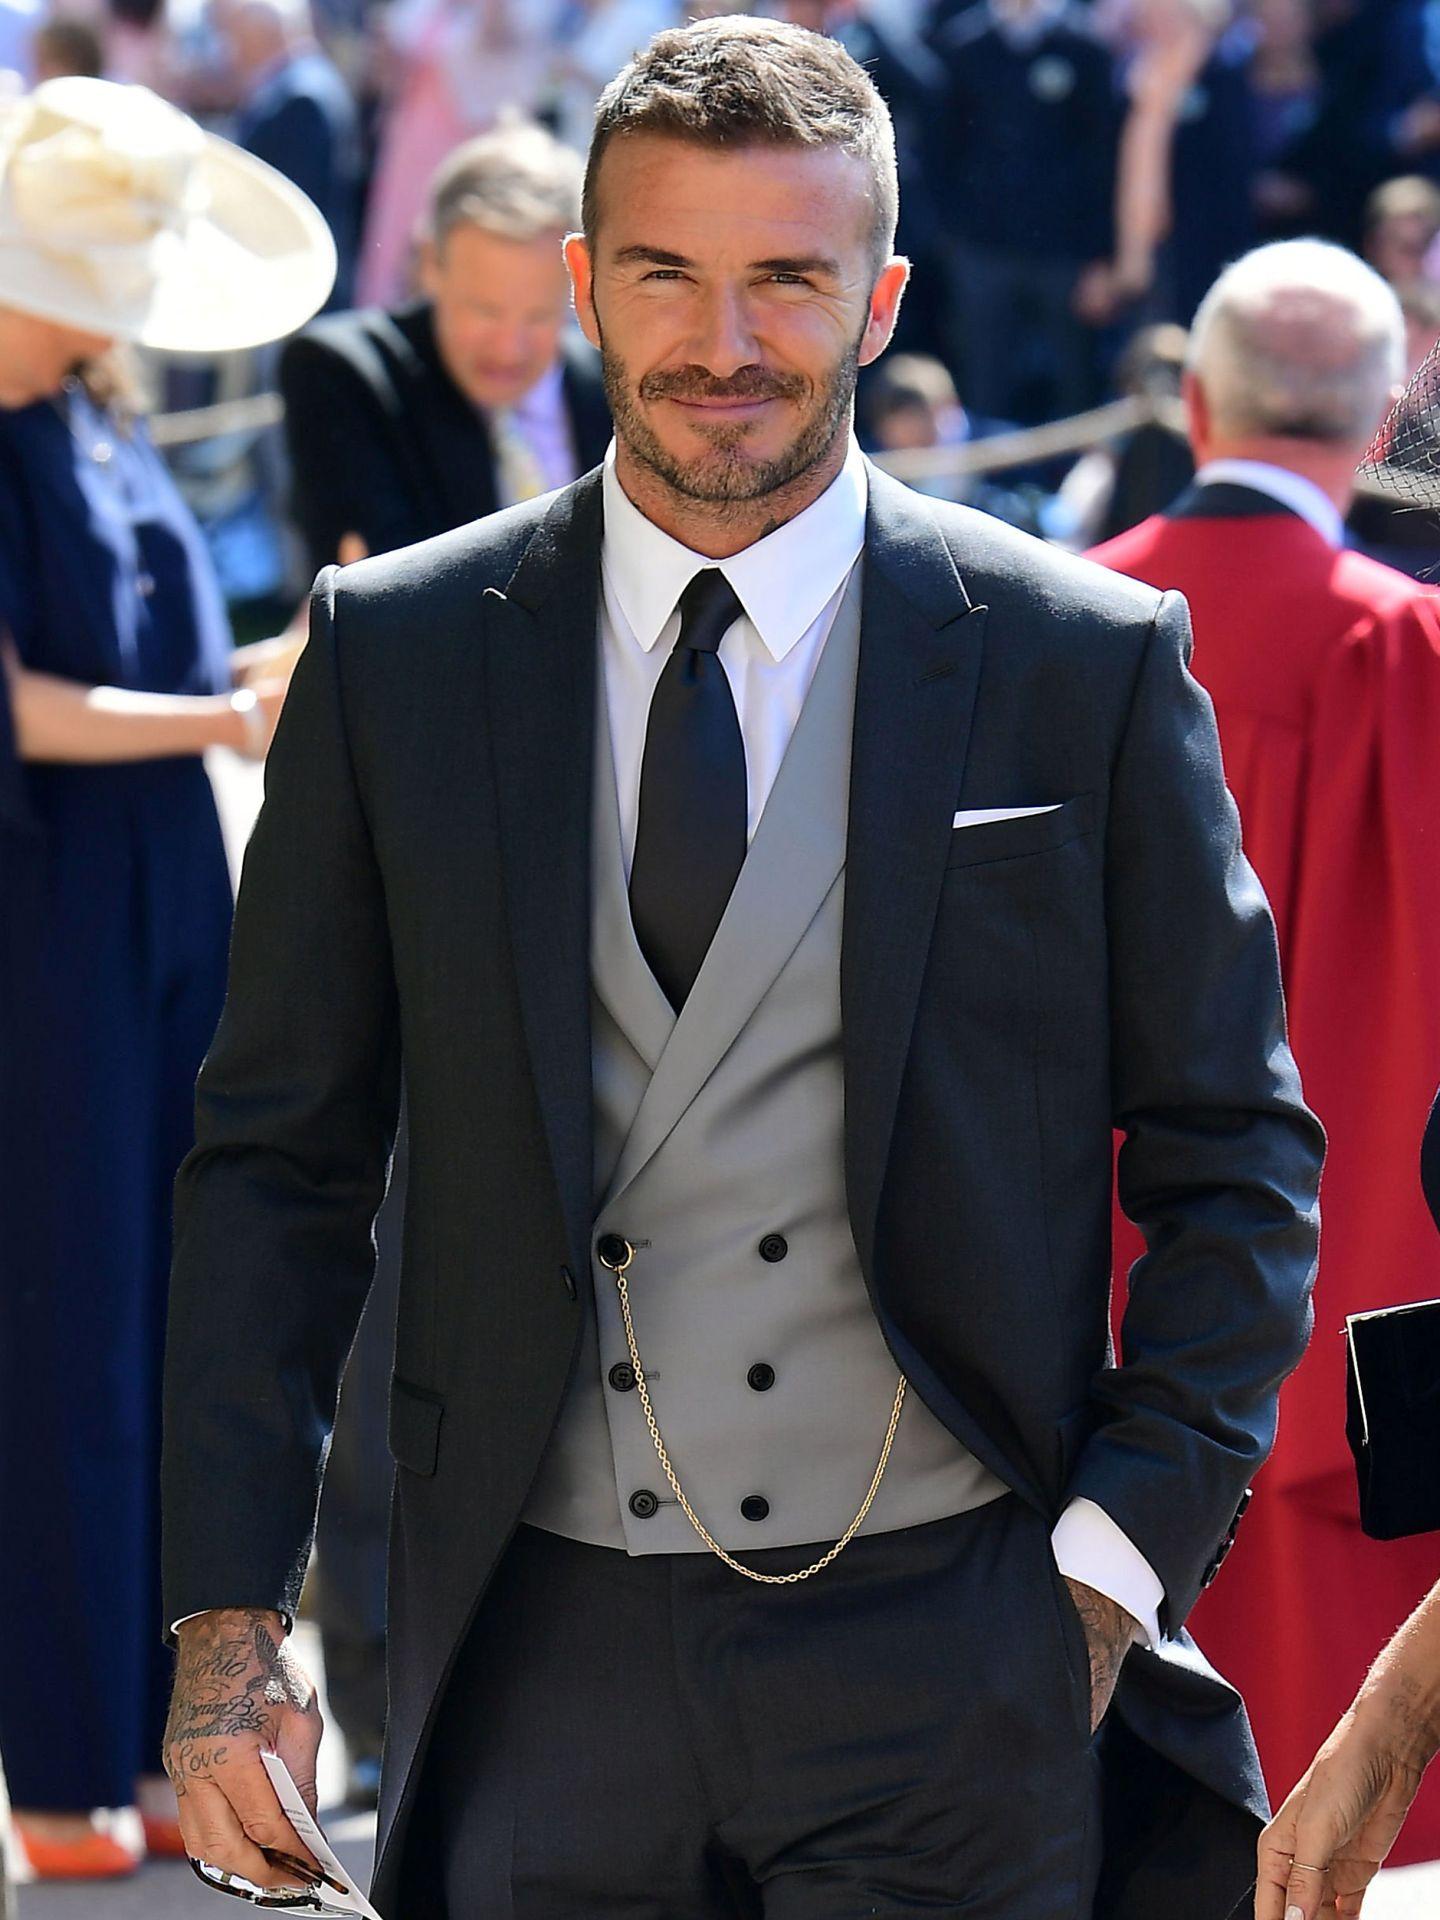 David Beckham, en la boda del príncipe Harry y Meghan Markle. (Reuters)